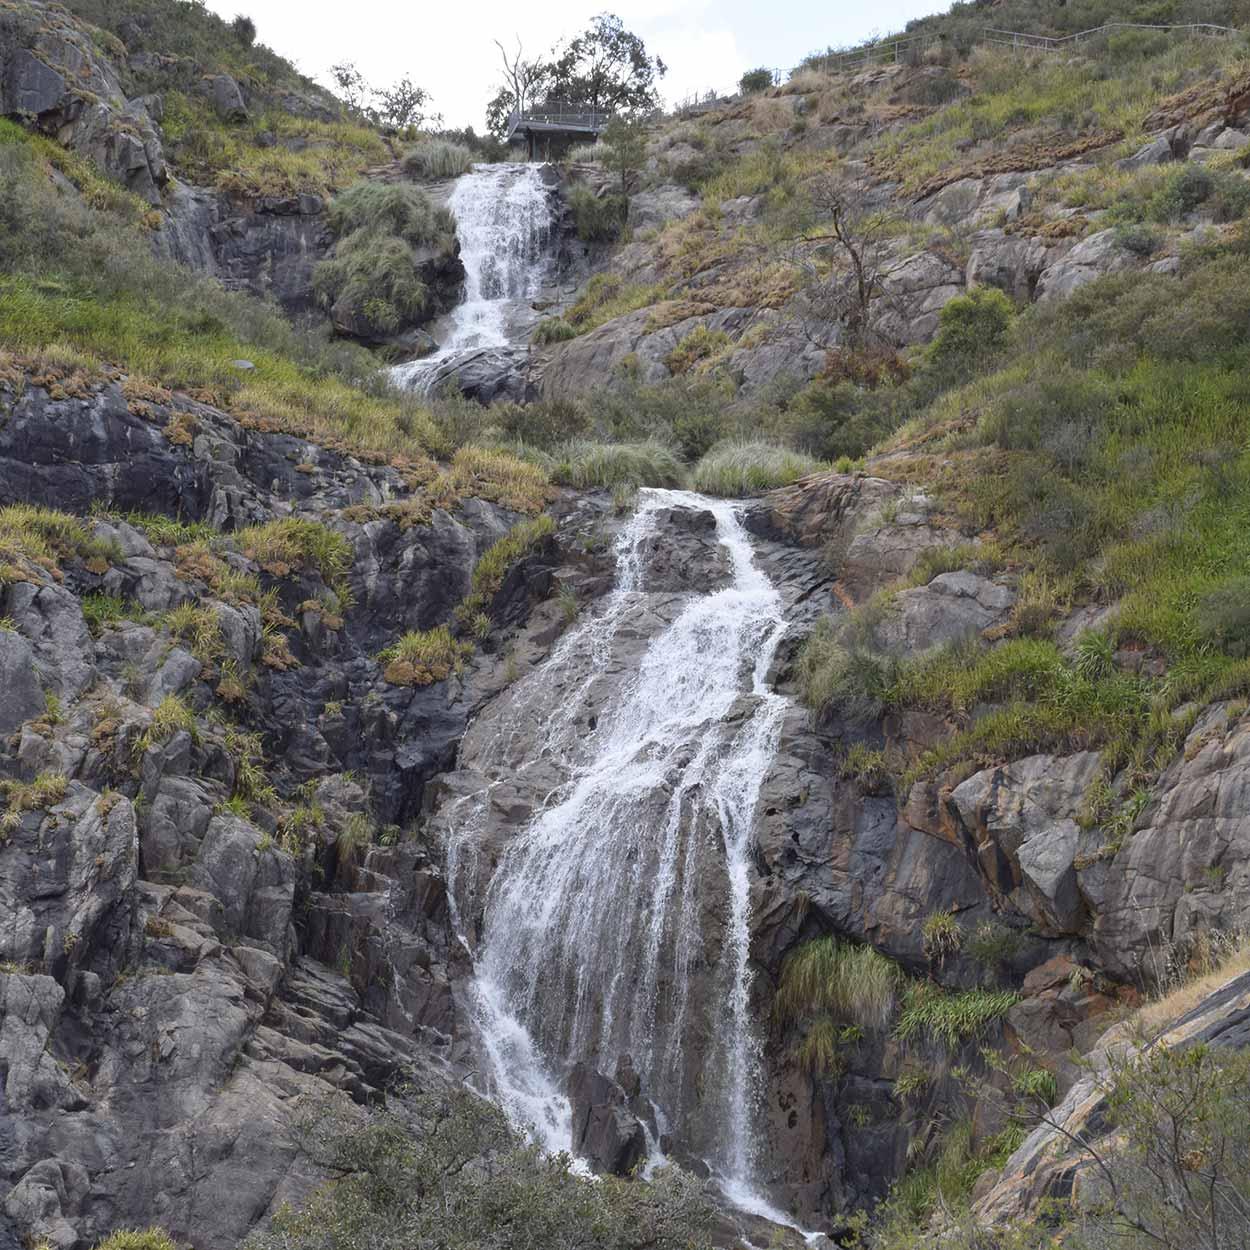 Lesmurdie Falls, Mundy Regional Park, Perth, Western Australia